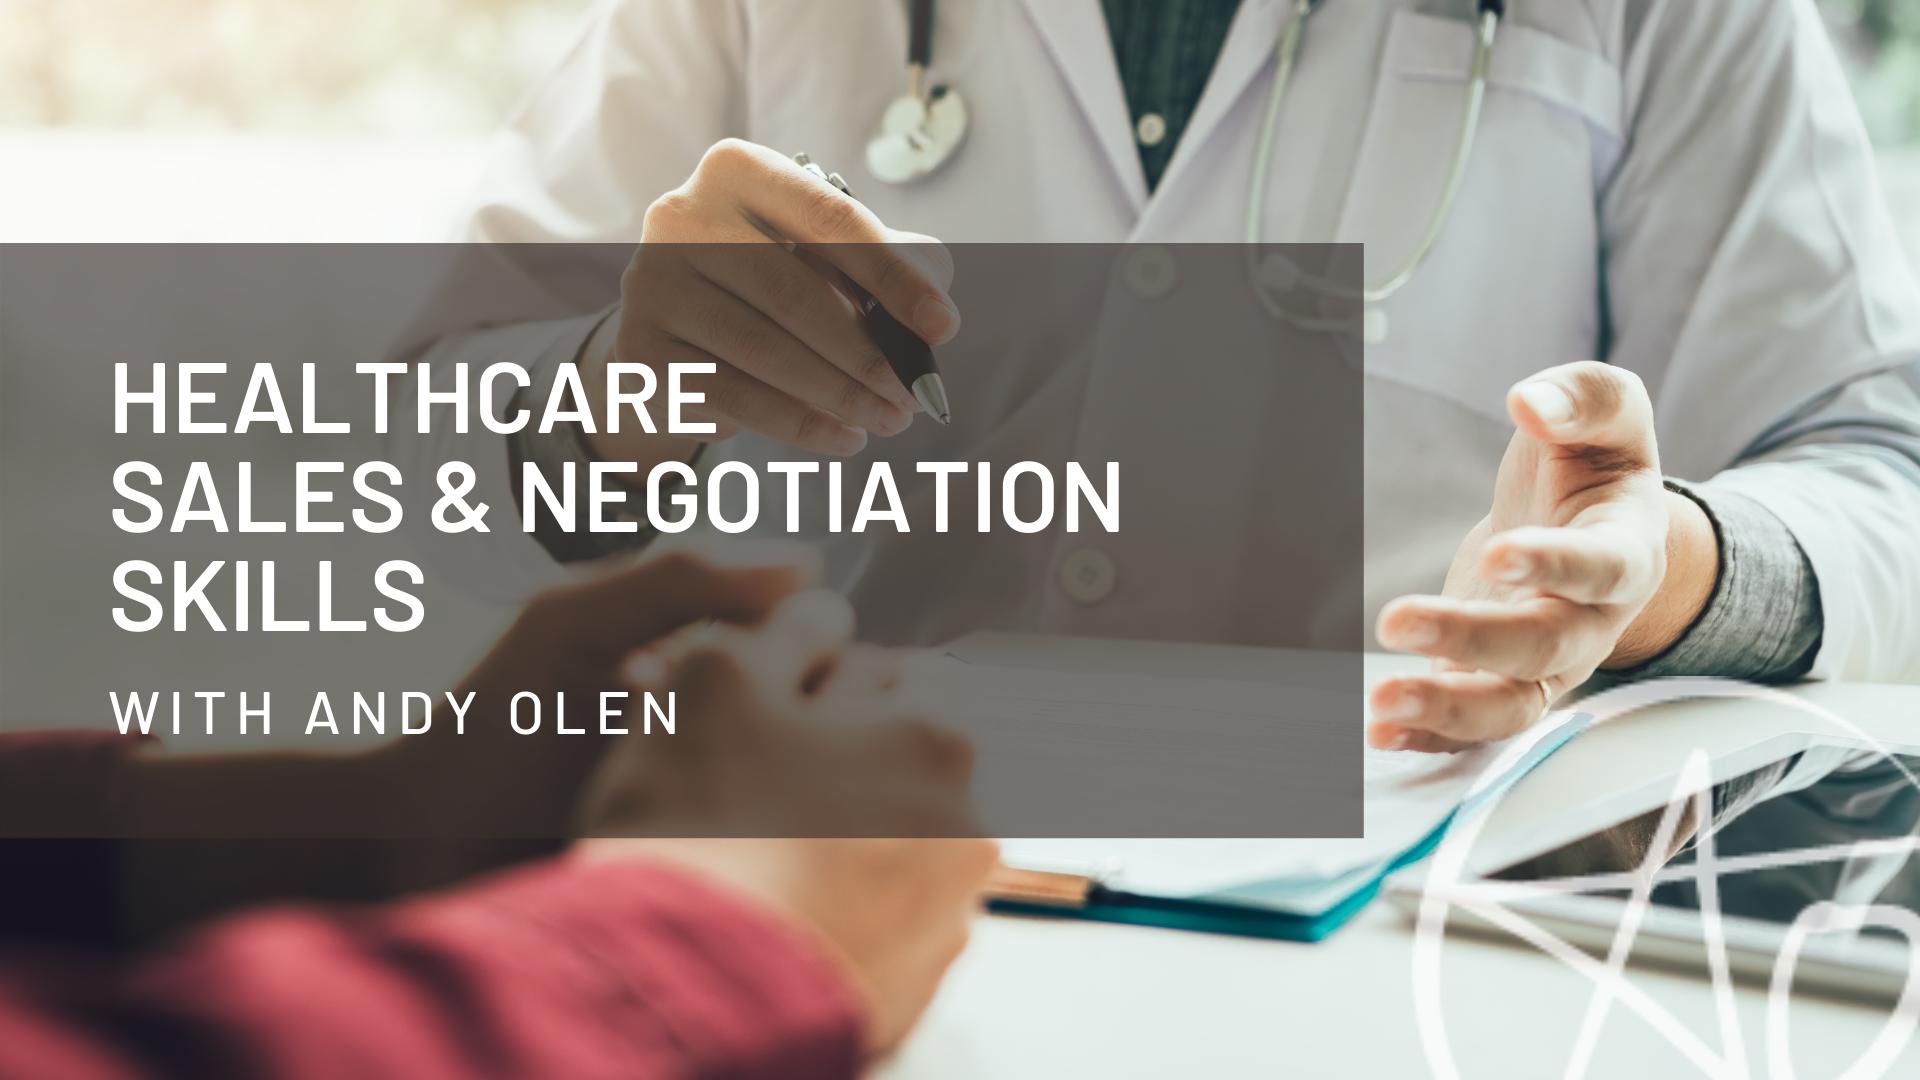 Healthcare Sales & Negotiation Skills